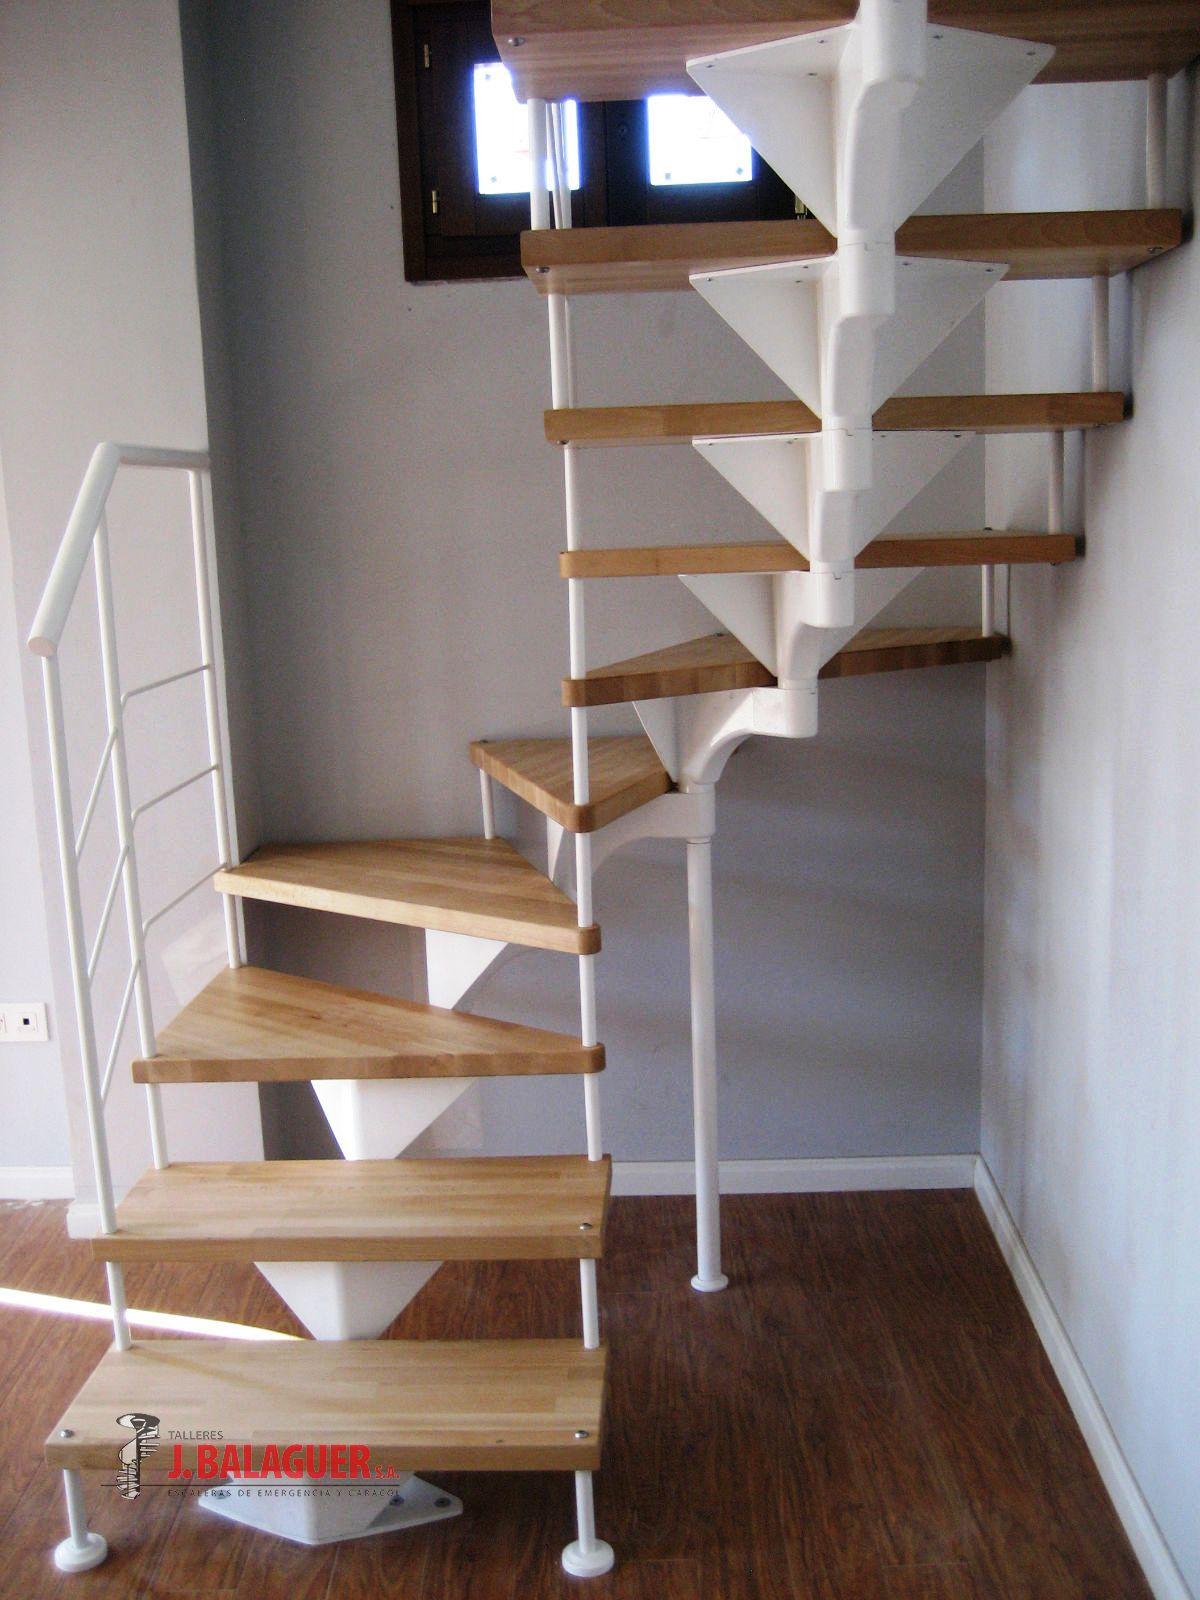 Modulaire trap escaleras balaguer - Escaleras balaguer ...